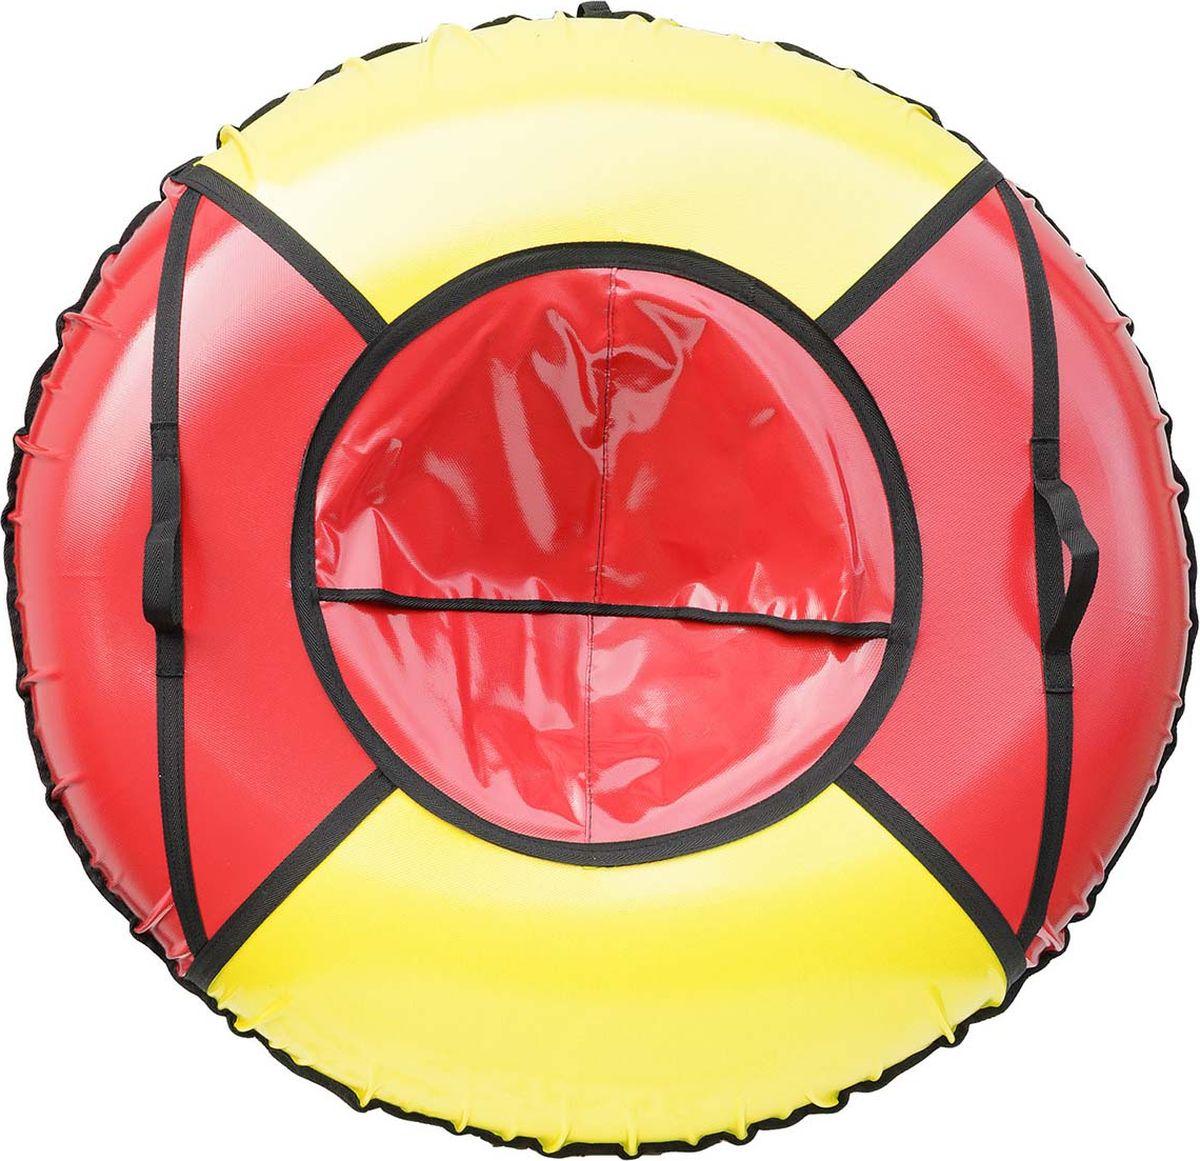 Тюбинг Эх, Прокачу!  Профи-4 , цвет: красный, желтый, 100 см - Тюбинги